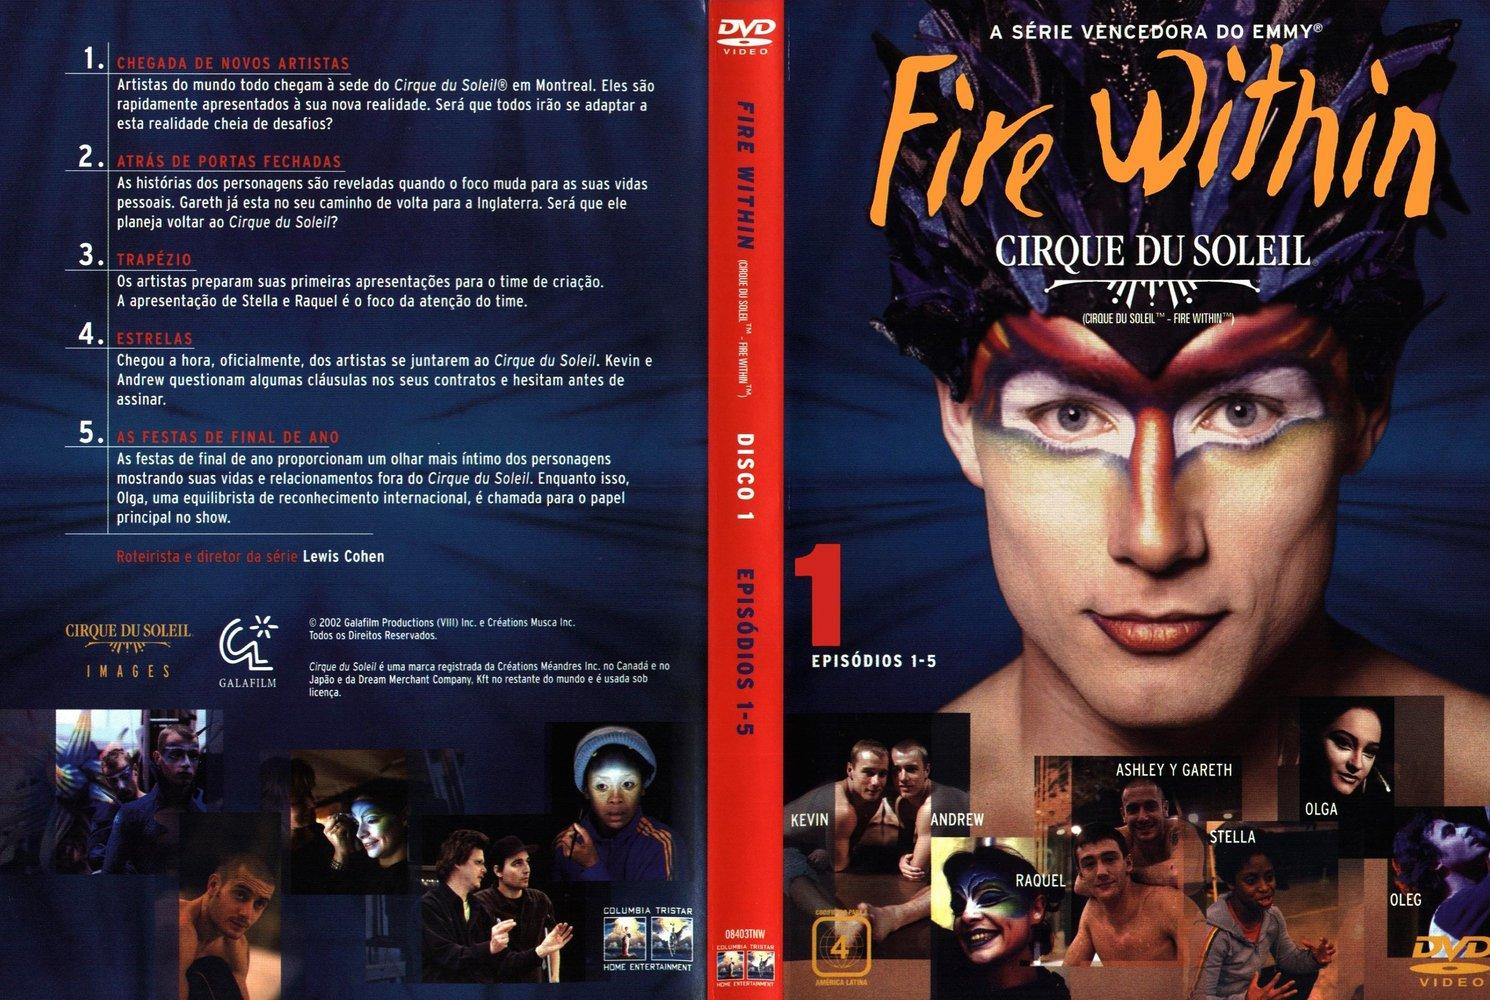 Cirque du Soleil: Fire Within